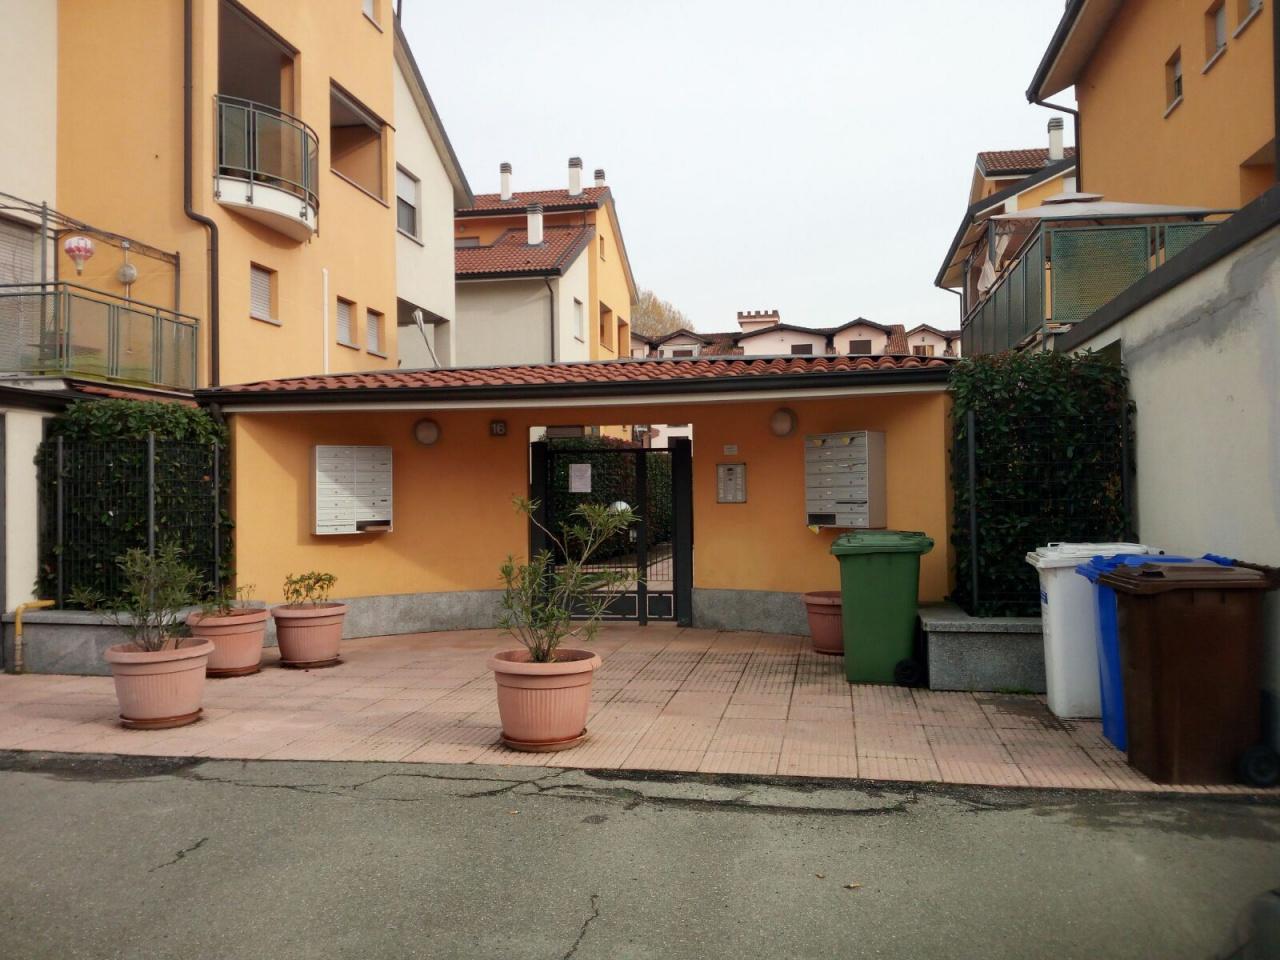 Attico / Mansarda in vendita a San Martino Siccomario, 2 locali, prezzo € 69.000 | PortaleAgenzieImmobiliari.it